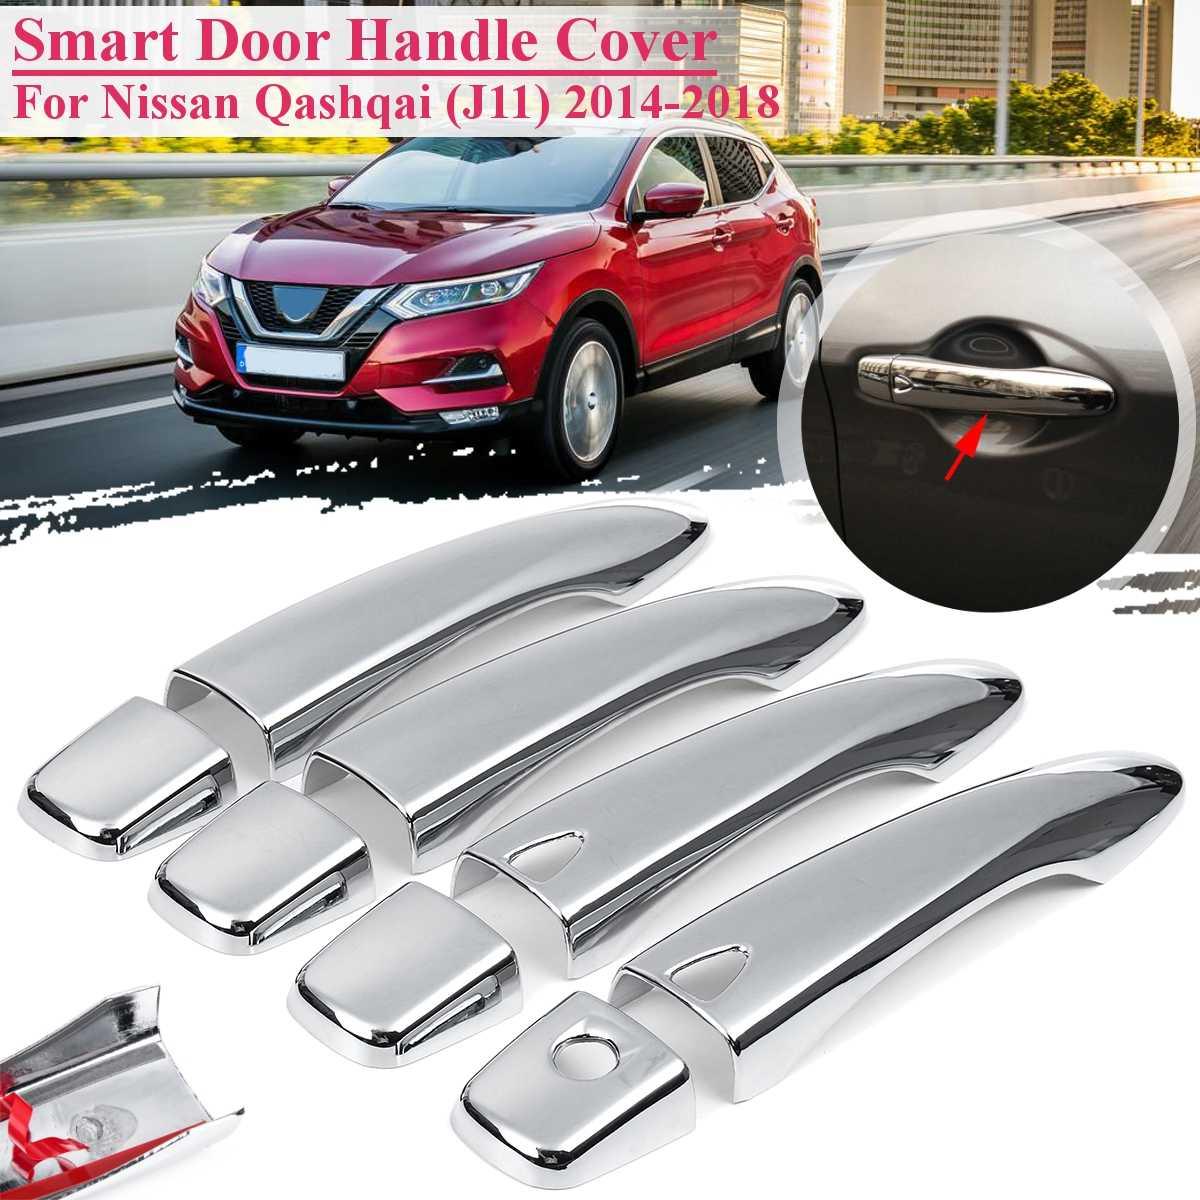 Manija de puerta Exterior cromada para coche 8 Uds. Para Nissan Qashqai (J11) 2014-2018 con cubierta de entrada sin llave pegatina funda de decoración